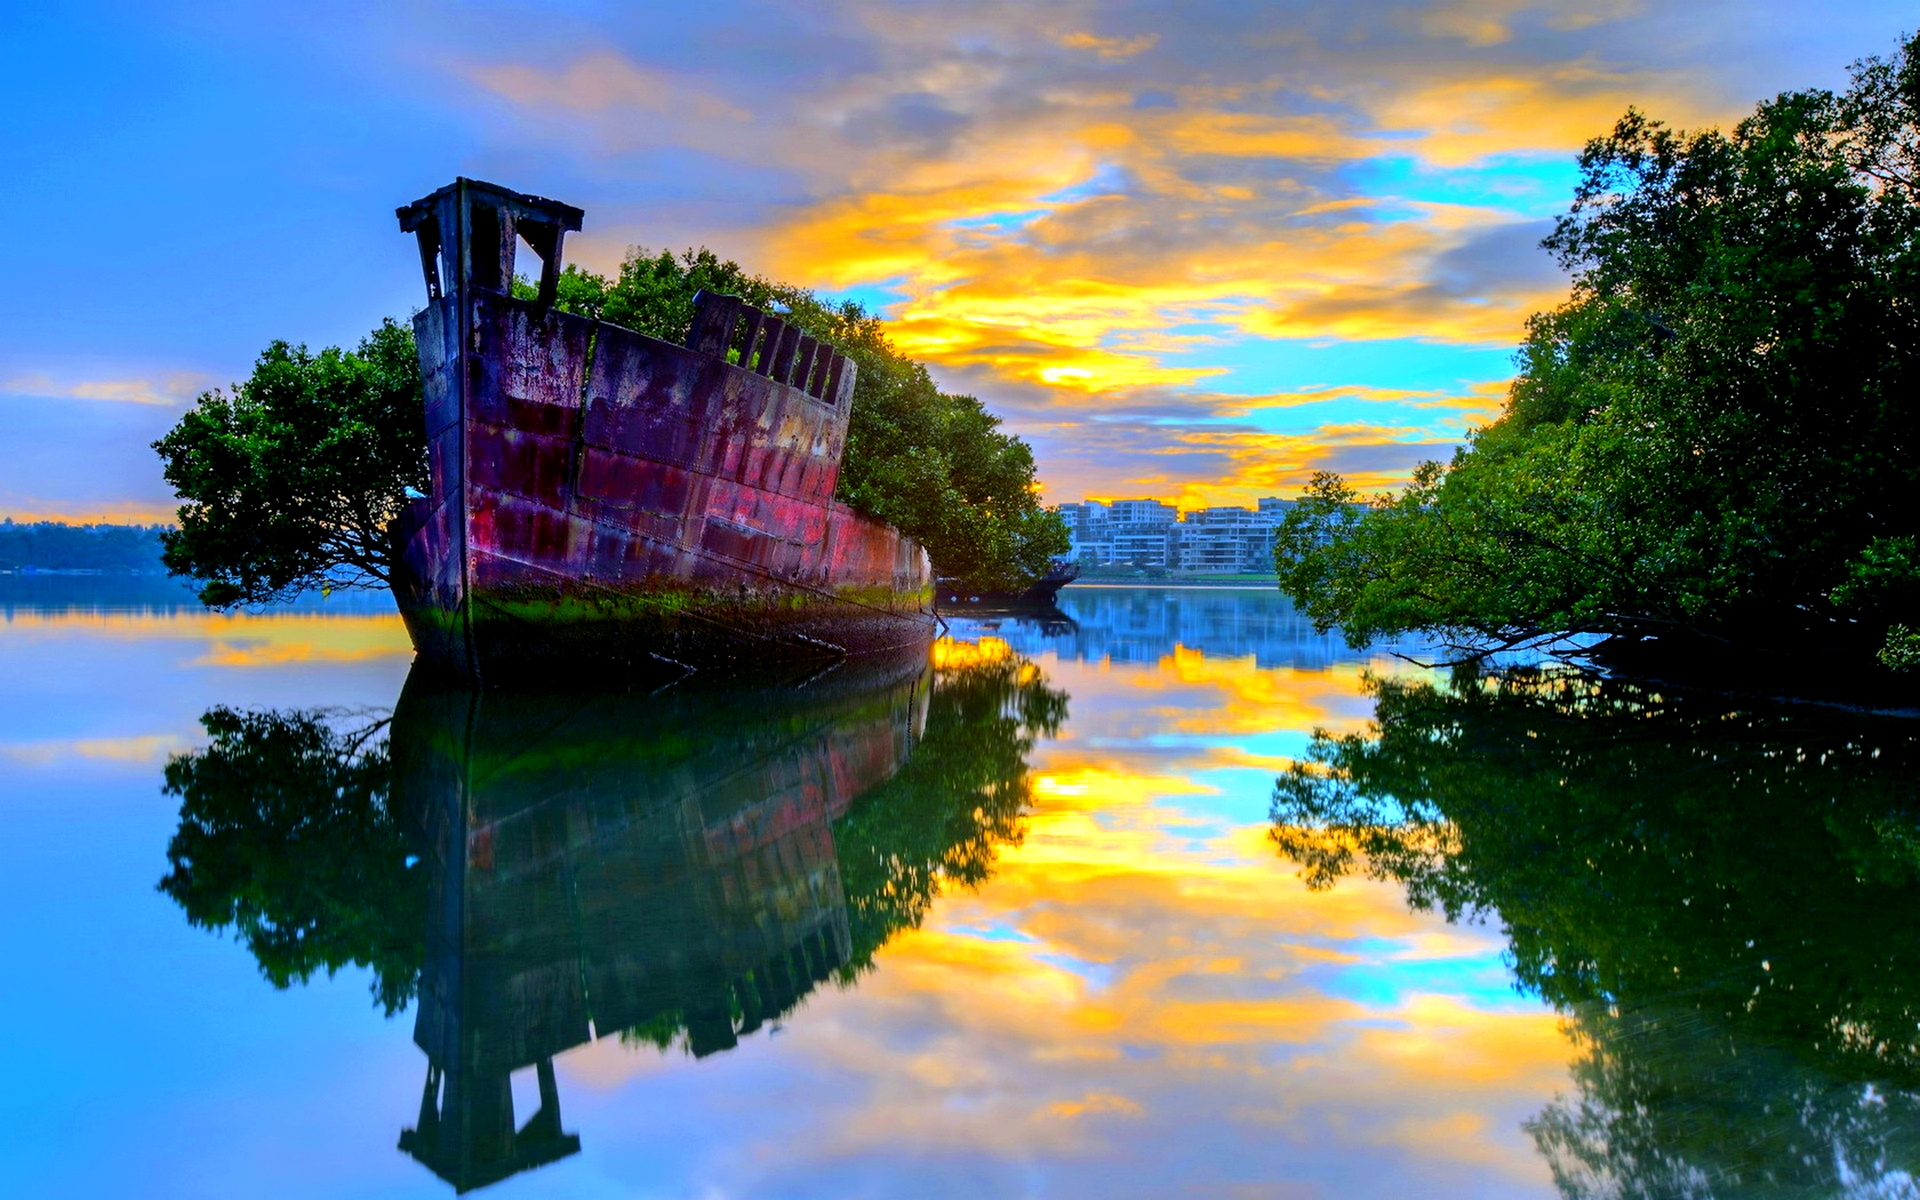 Super Scenic Photo